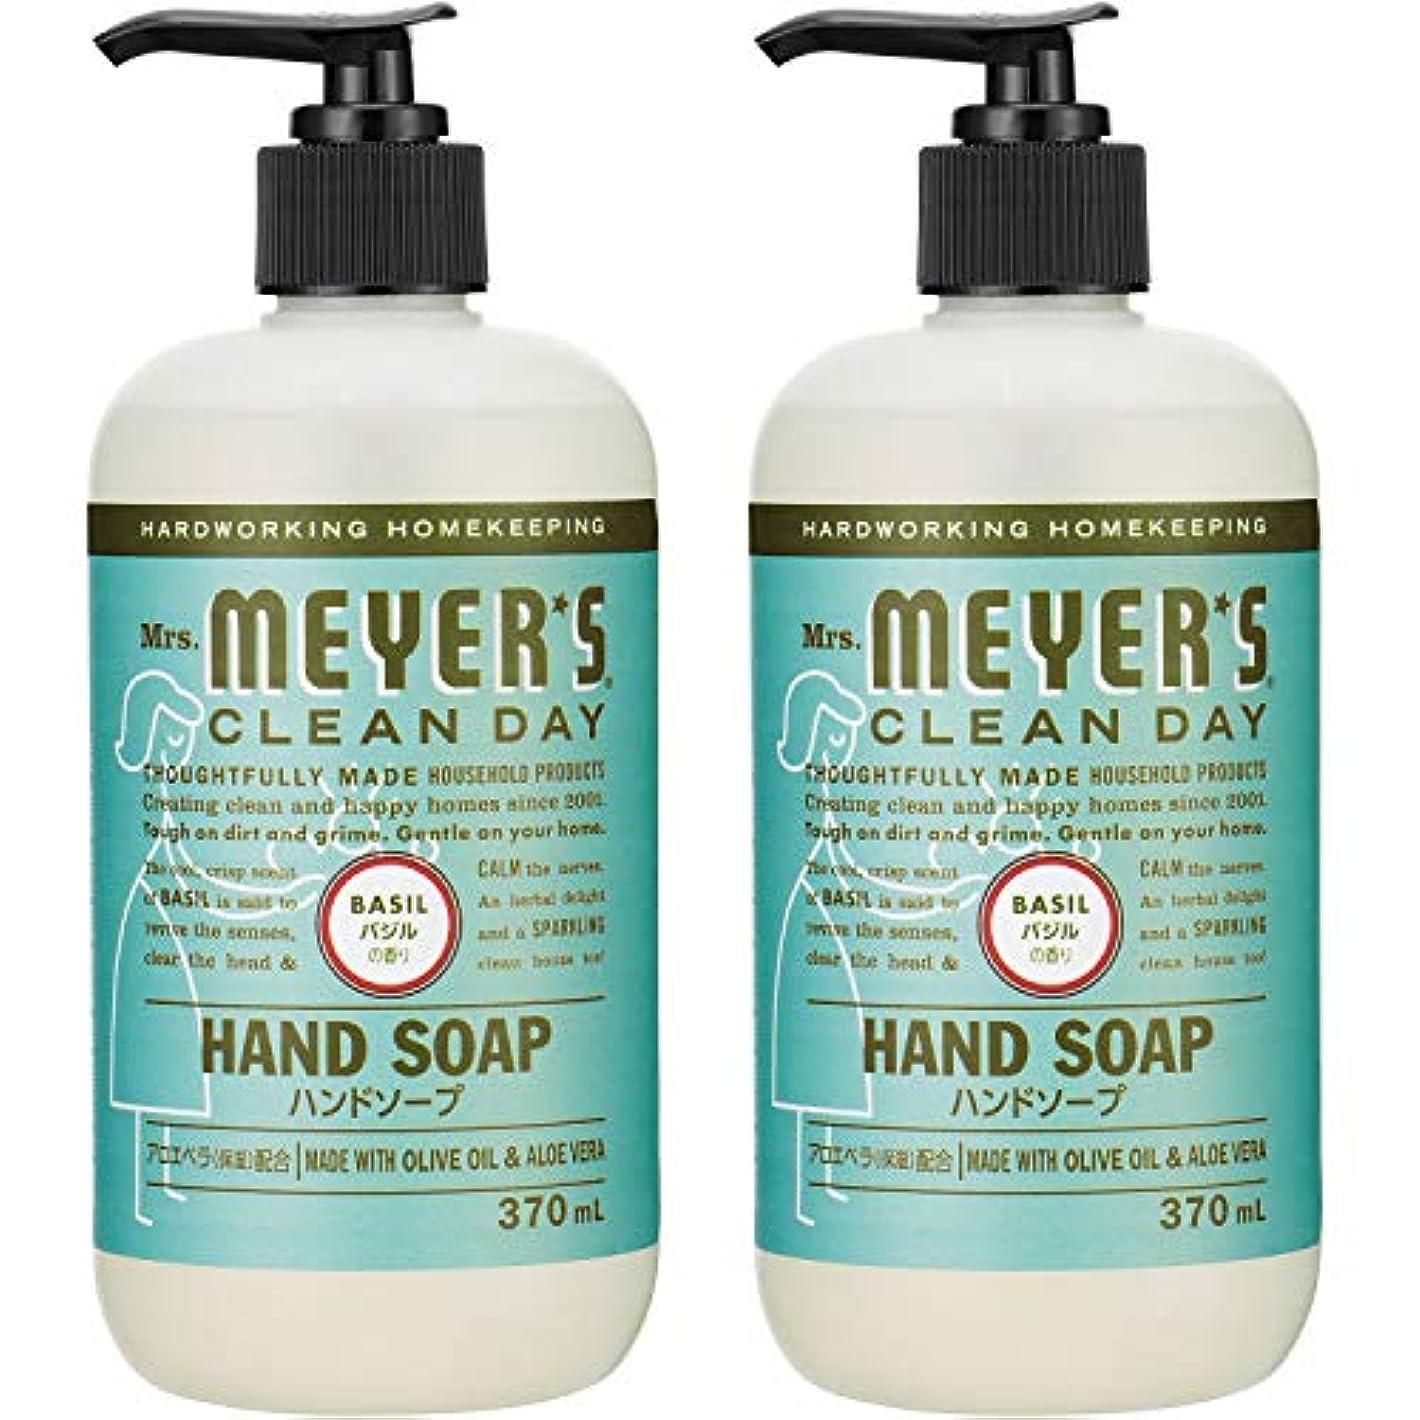 いわゆる可能性パッチMrs. MEYER'S CLEAN DAY(ミセスマイヤーズ クリーンデイ) ミセスマイヤーズ クリーンデイ(Mrs.Meyers Clean Day) ハンドソープ バジルの香り 370ml×2個